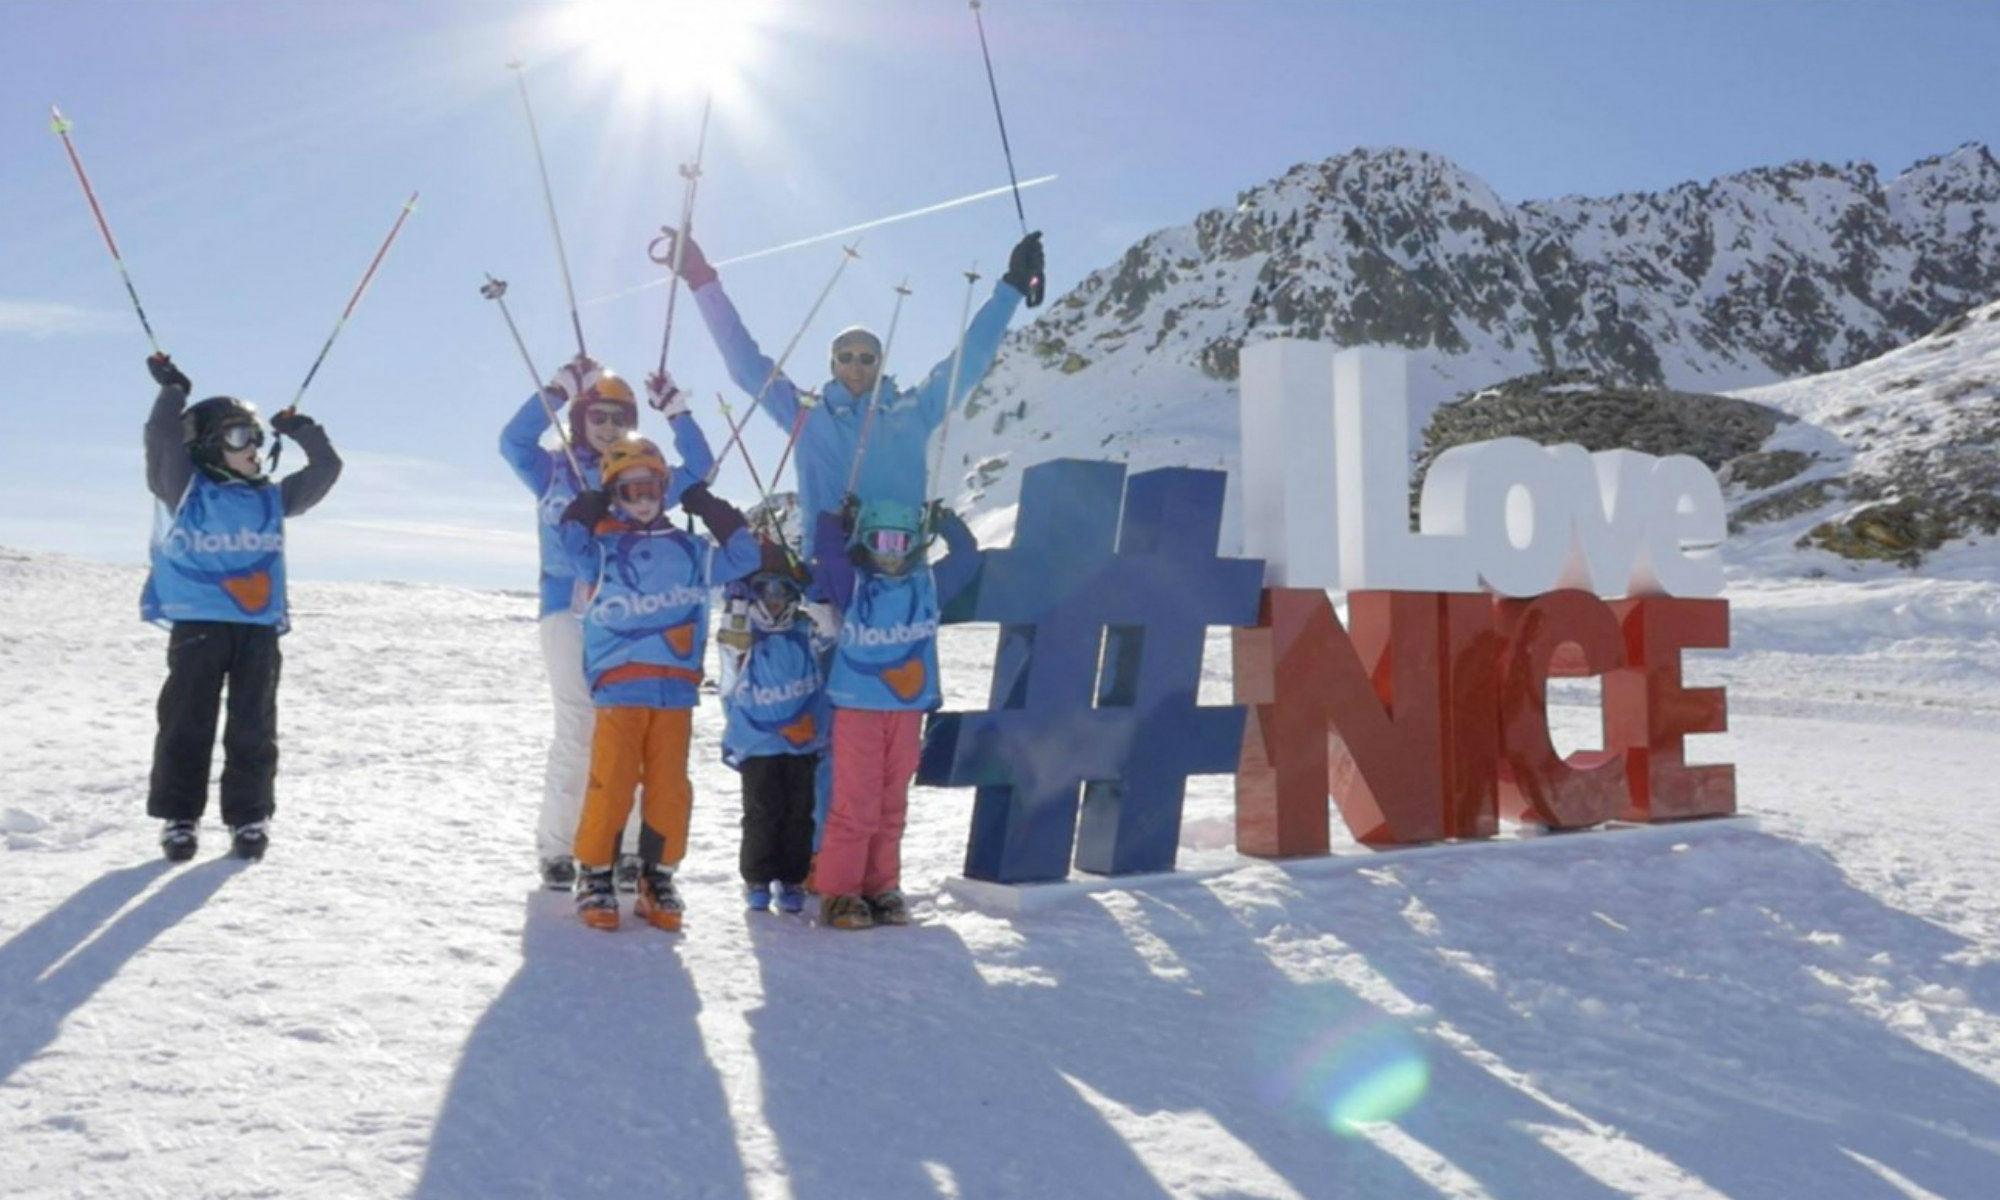 À Isola 2000, un moniteur de ski et ses élèves posent à côté du symbole I Love Nice.